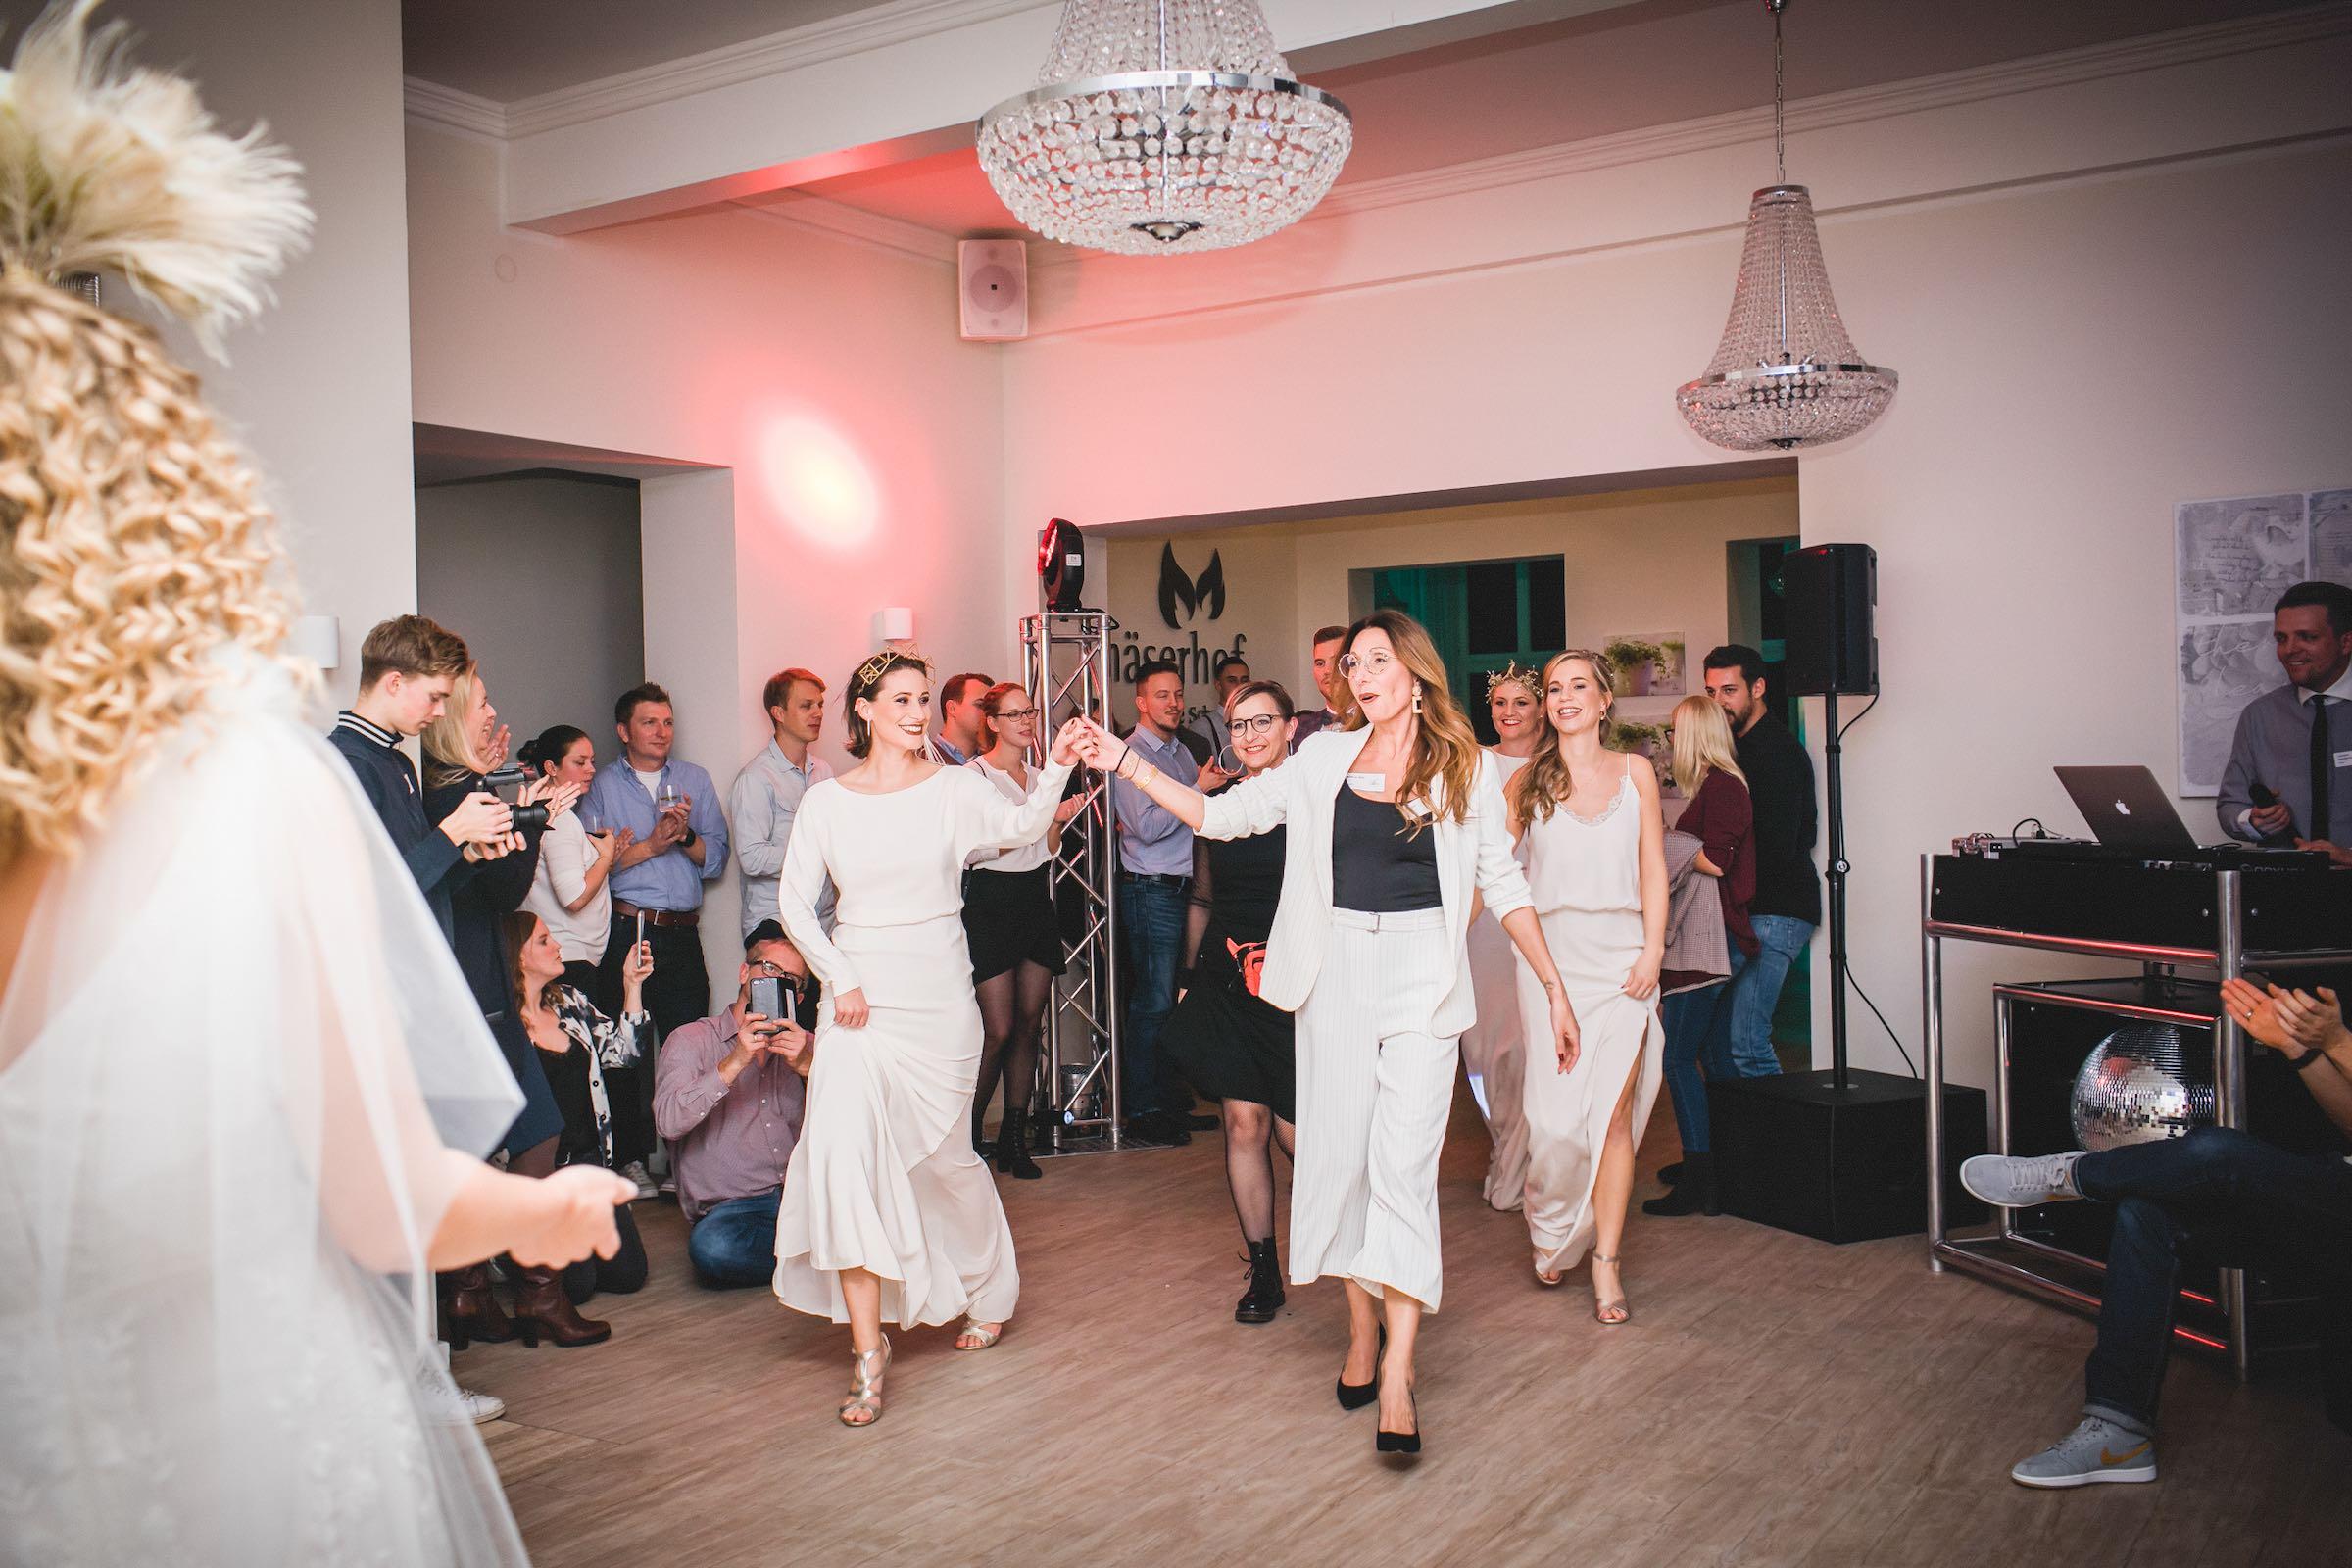 Häserhof   Reddestorf   Location   Referenz   DJ   Service   DJ   Agentur   DJ   Hochzeit   Hochzeits   DJ   Mieten   Buchen   Lehmann   Eventservice